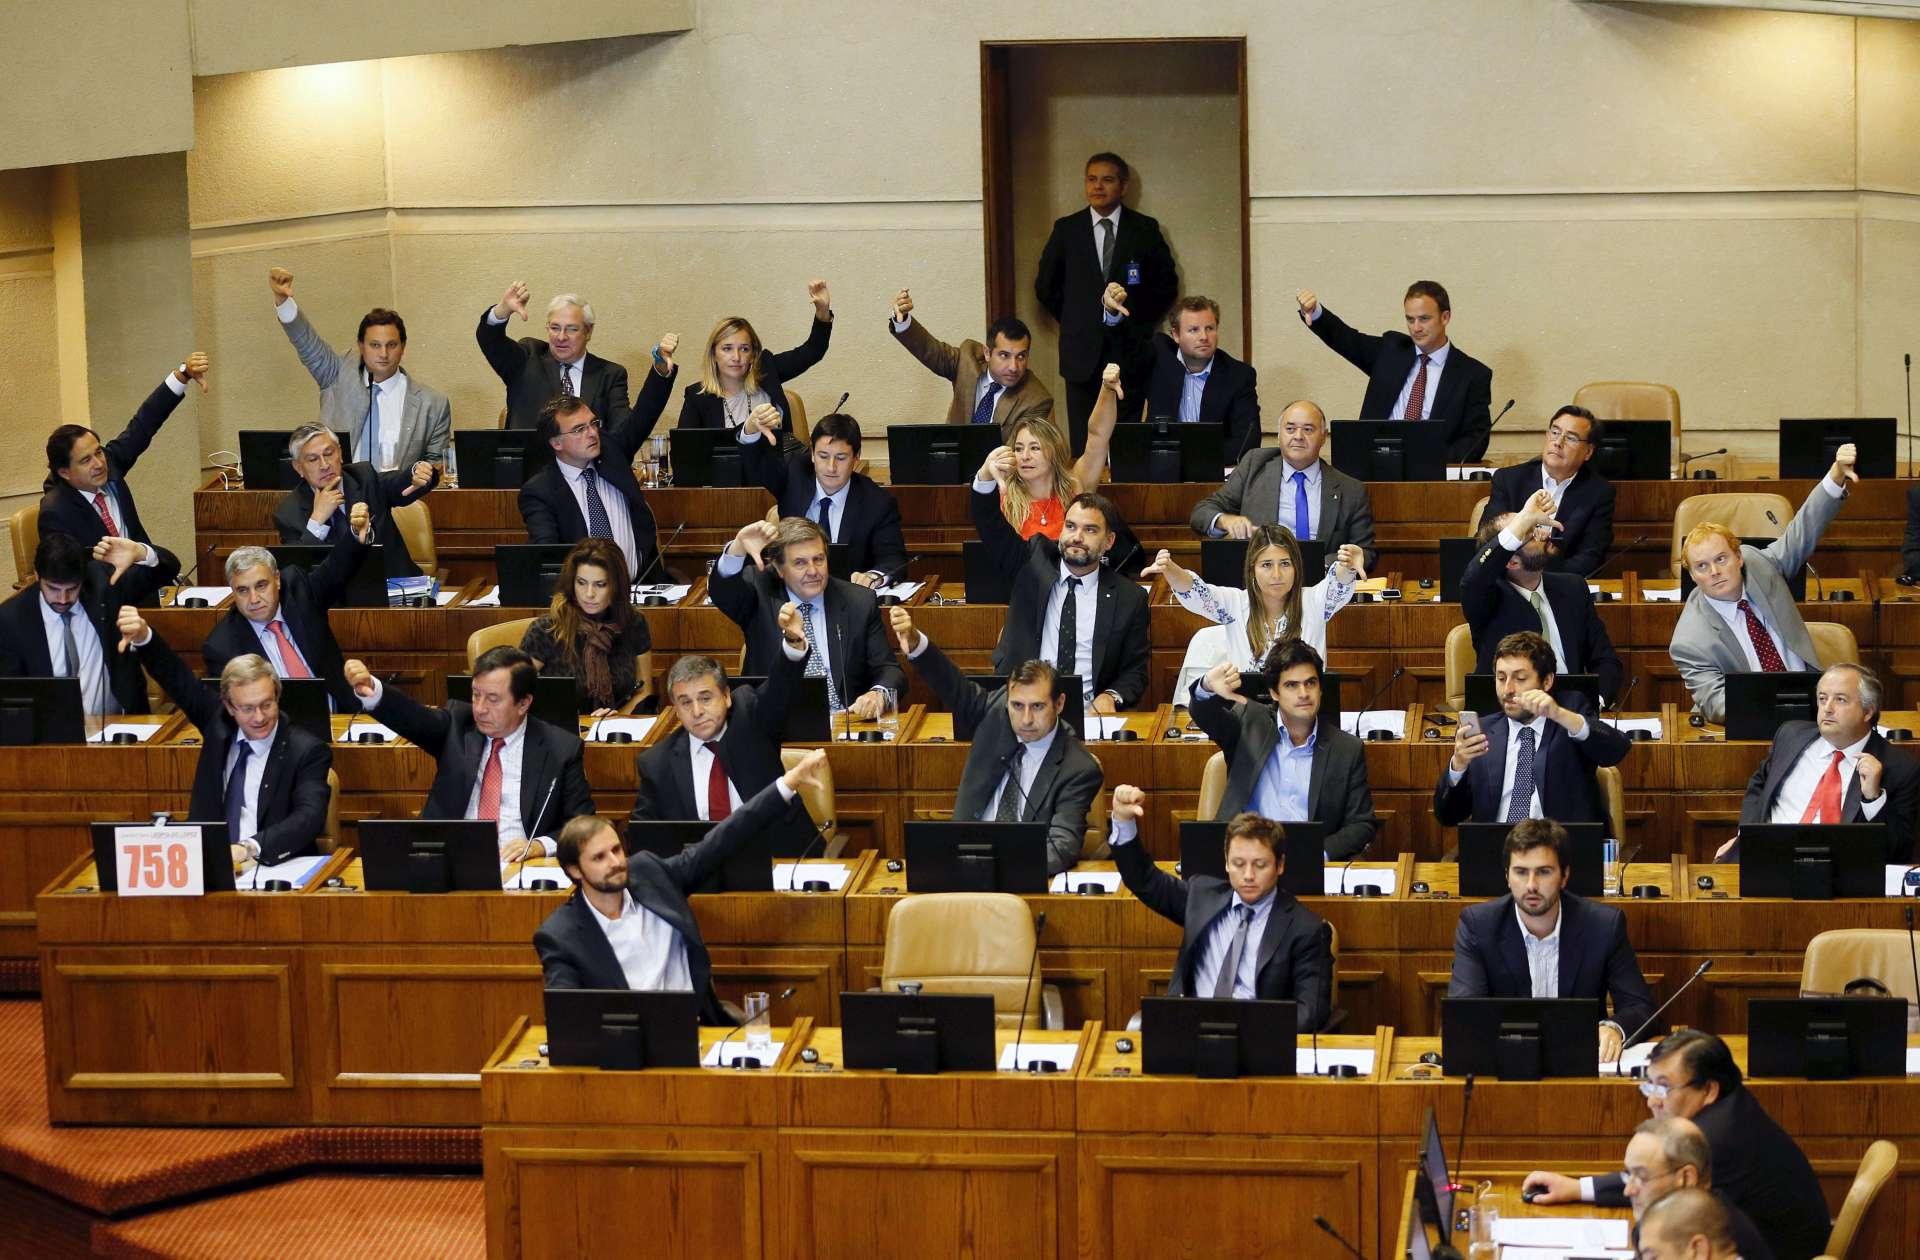 Diputados de la derecha hacen gestos en contra de la ley del aborto. Fotografía de Rodrigo Garrido. Reuters.